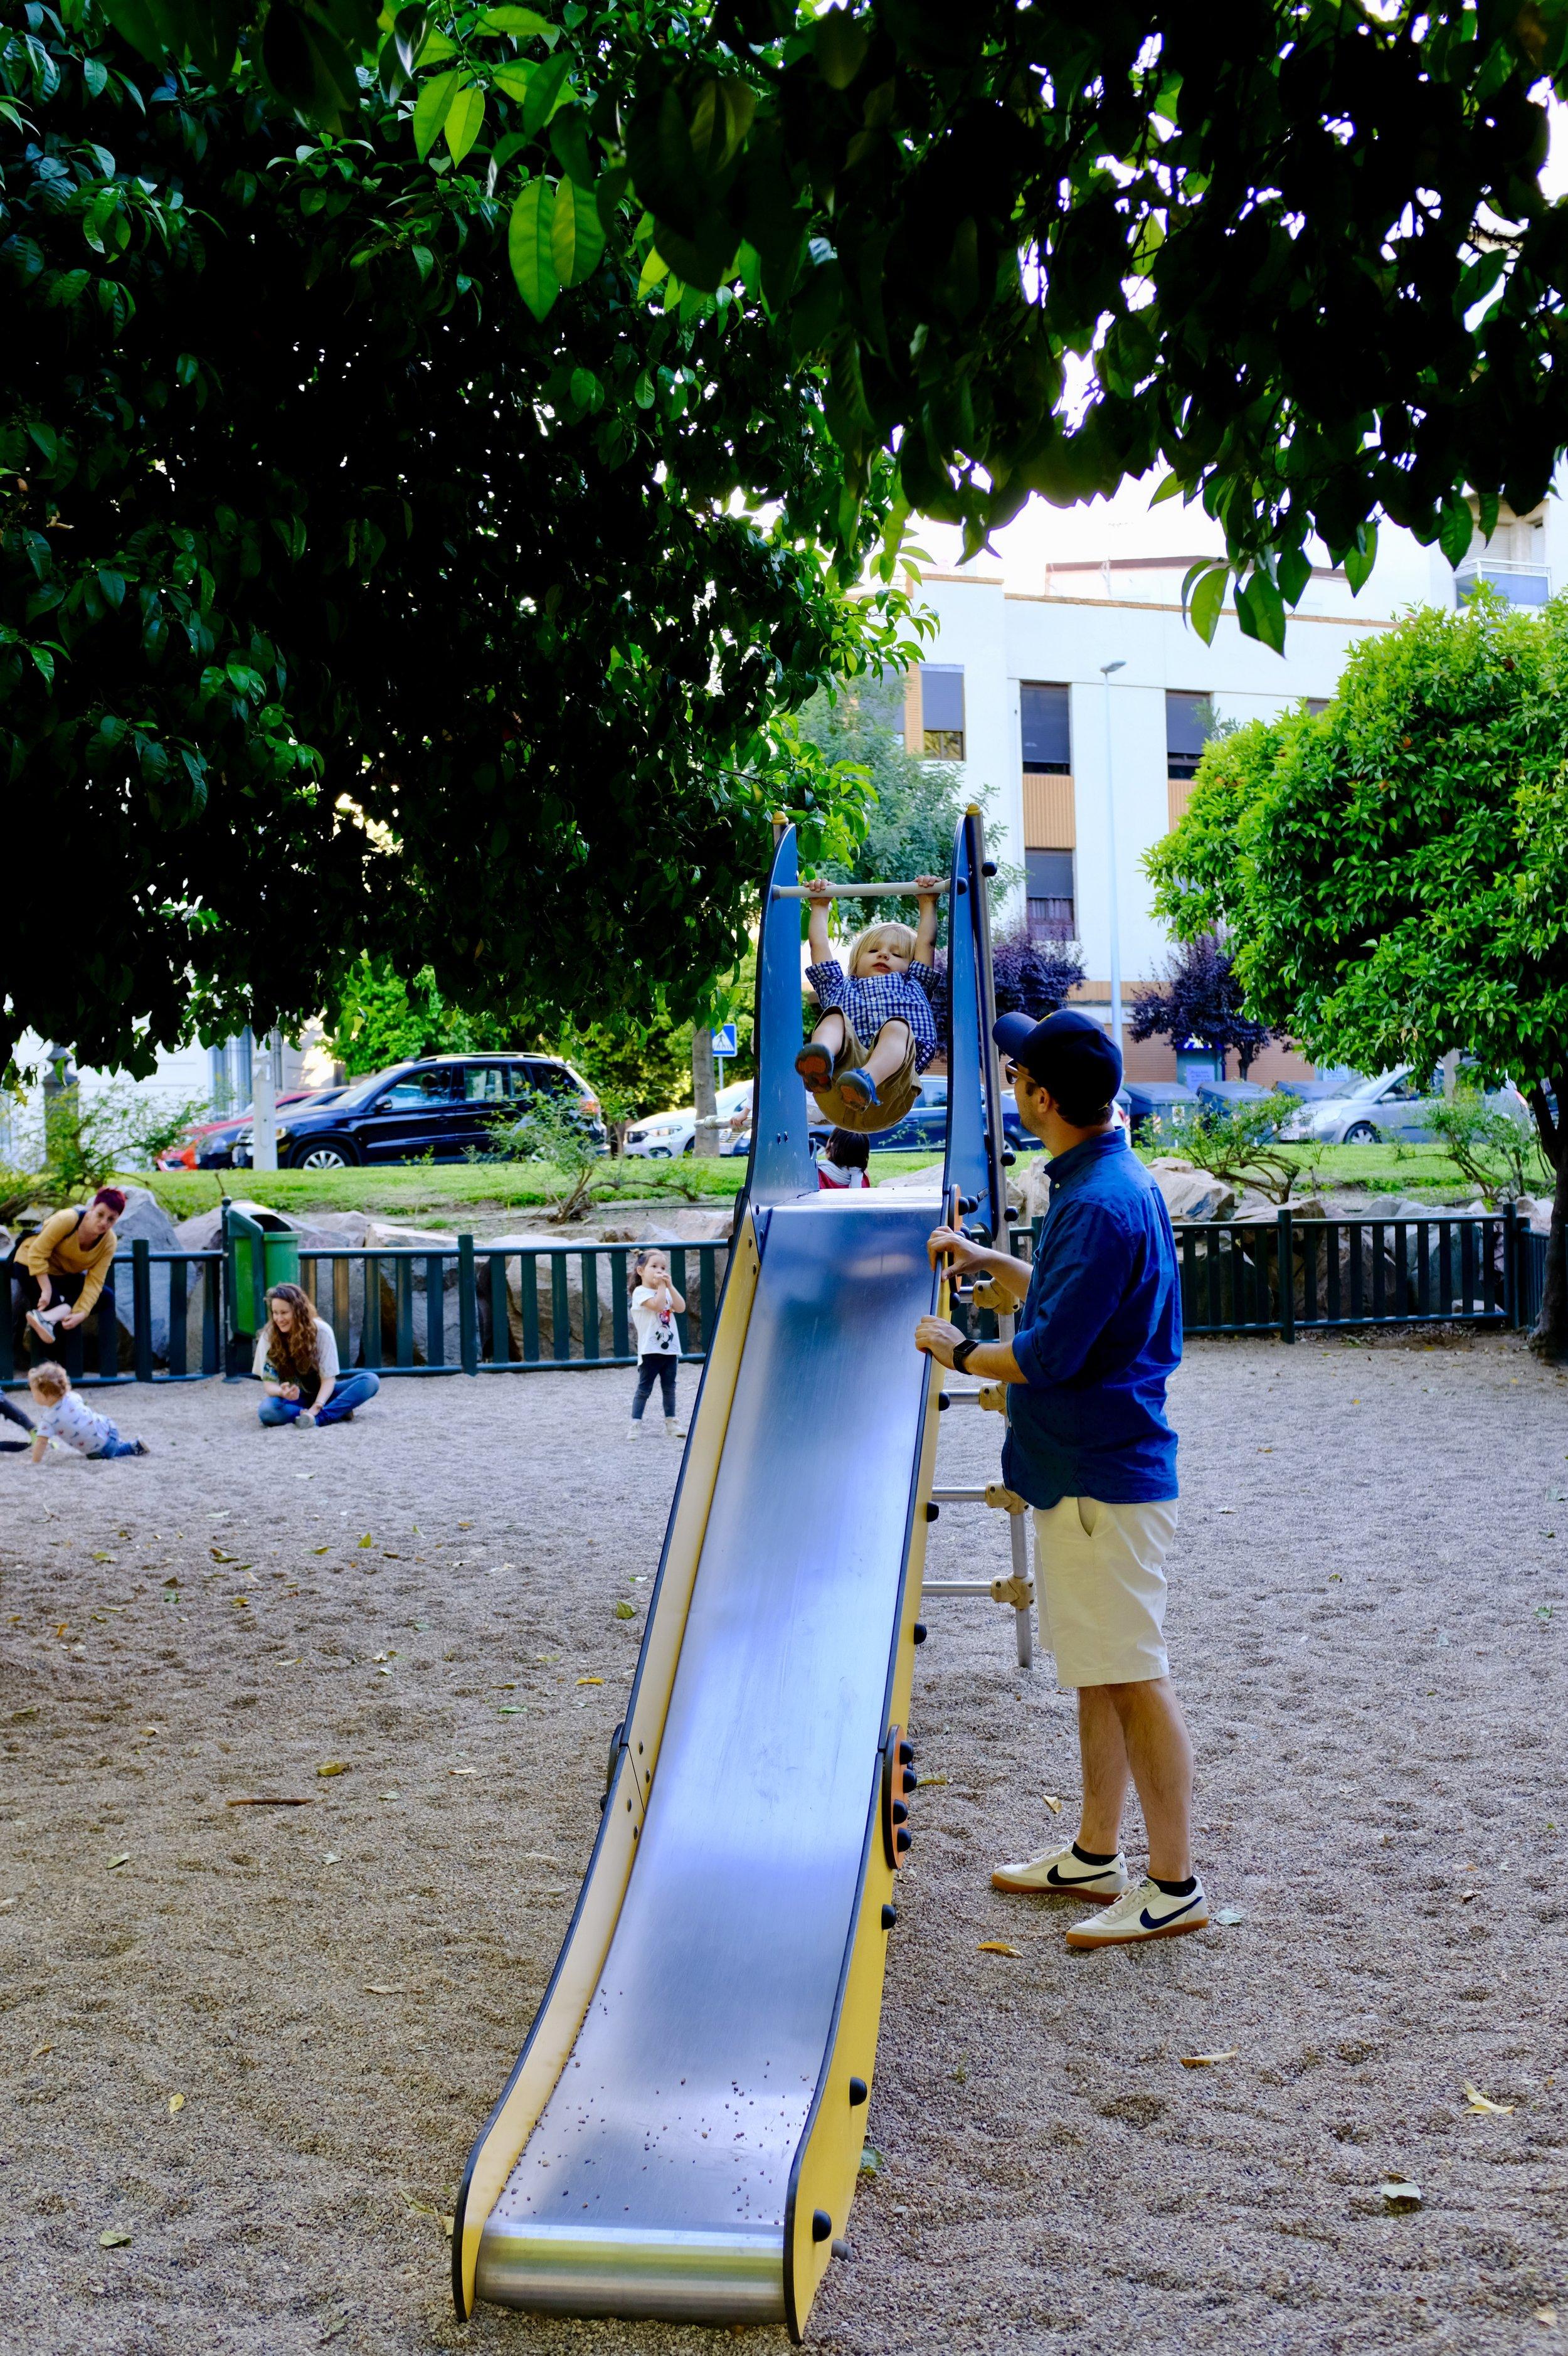 Córdoba Playground_City Nibbler_Córdoba Spain